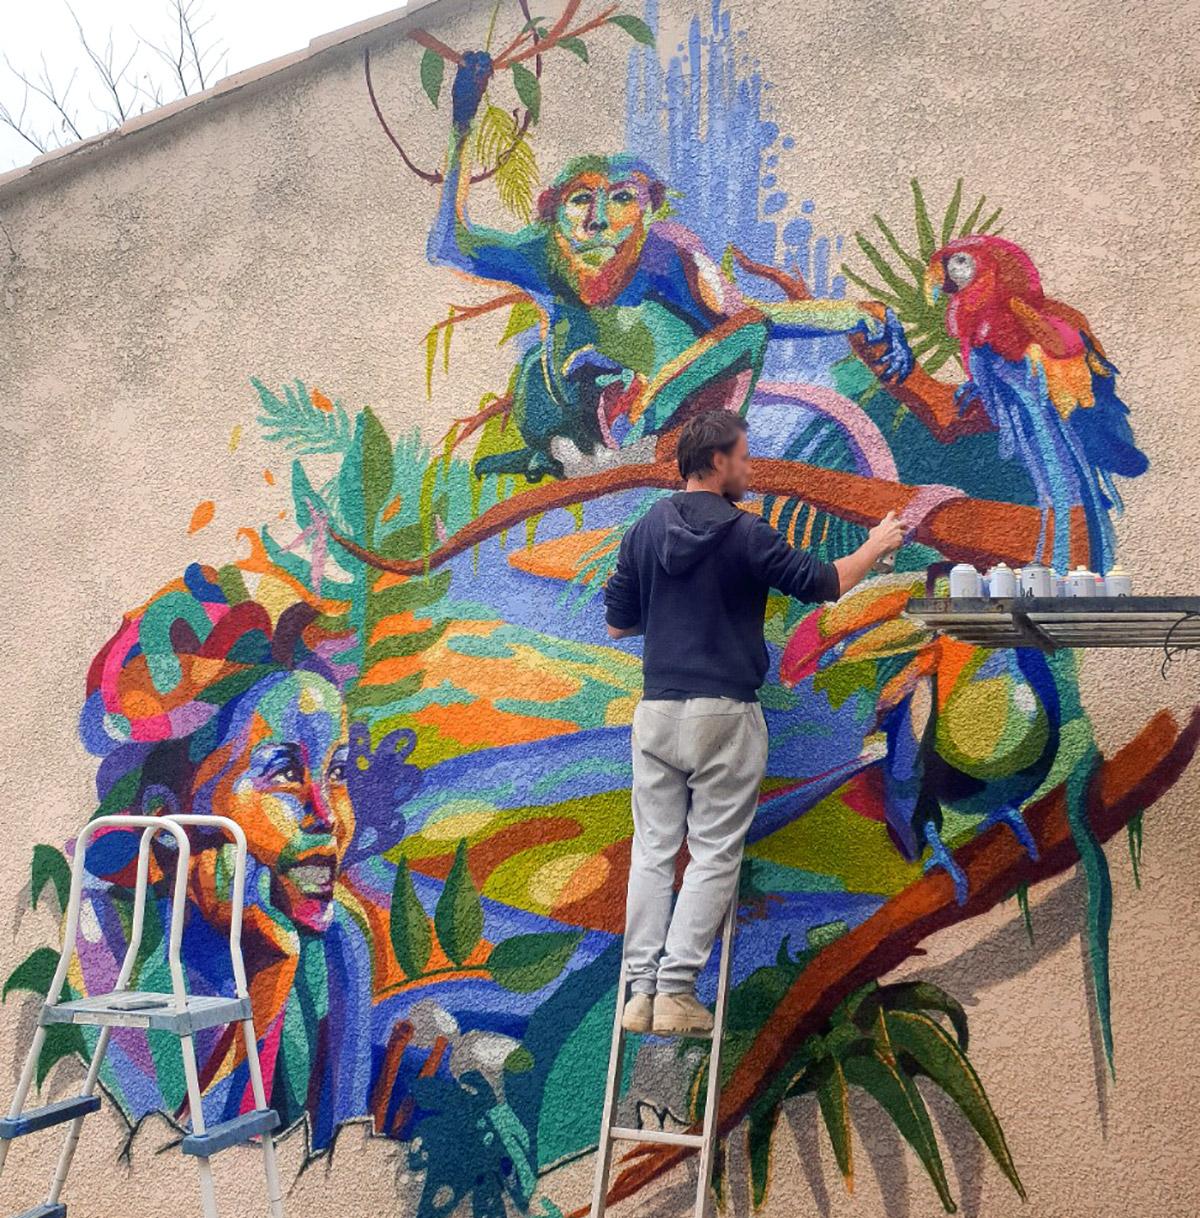 Portrait de femme et animaux en street art par l'artiste graffeur Enkage